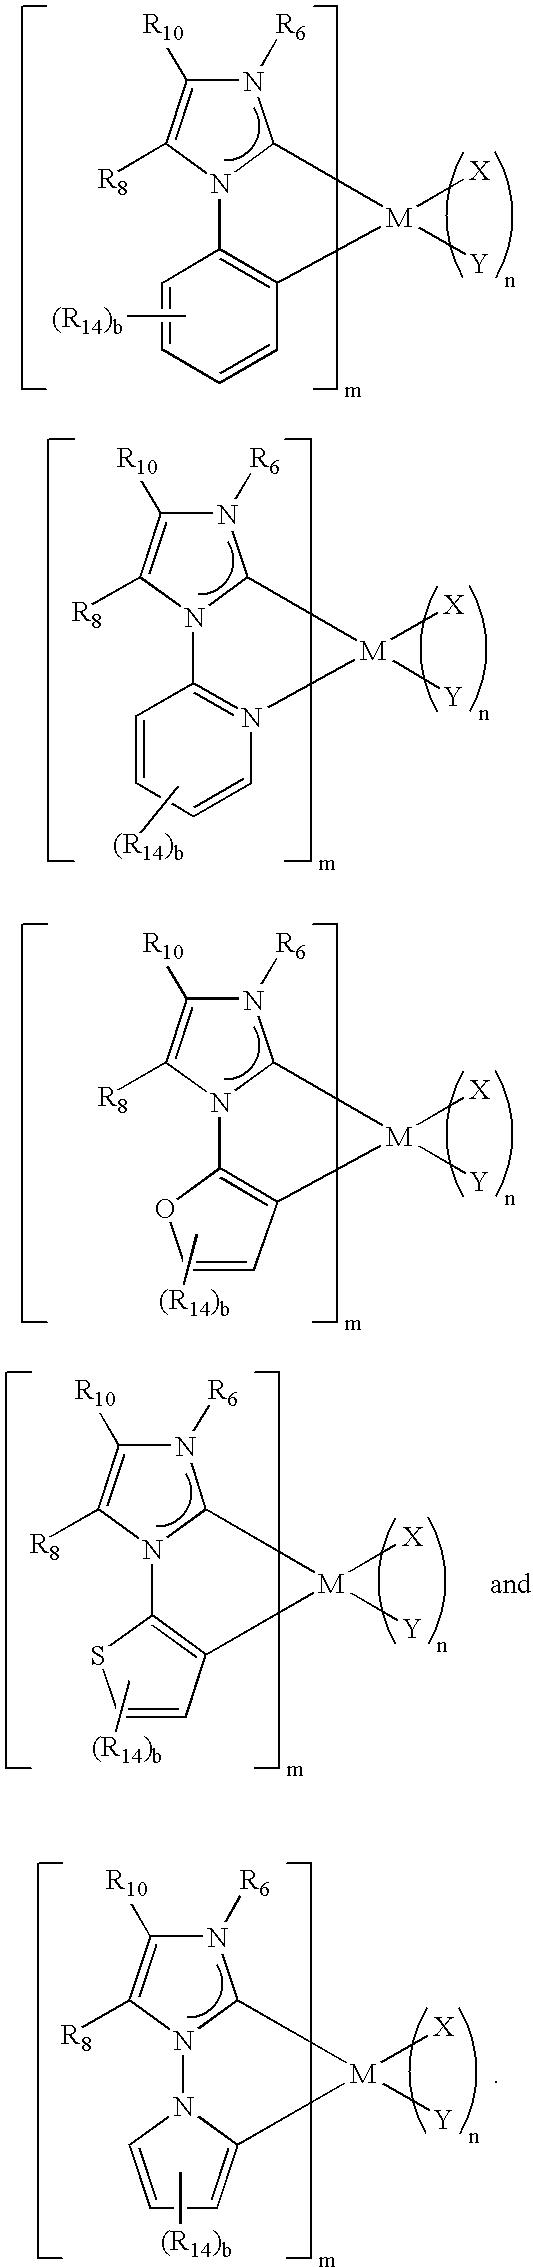 Figure US20050260441A1-20051124-C00052